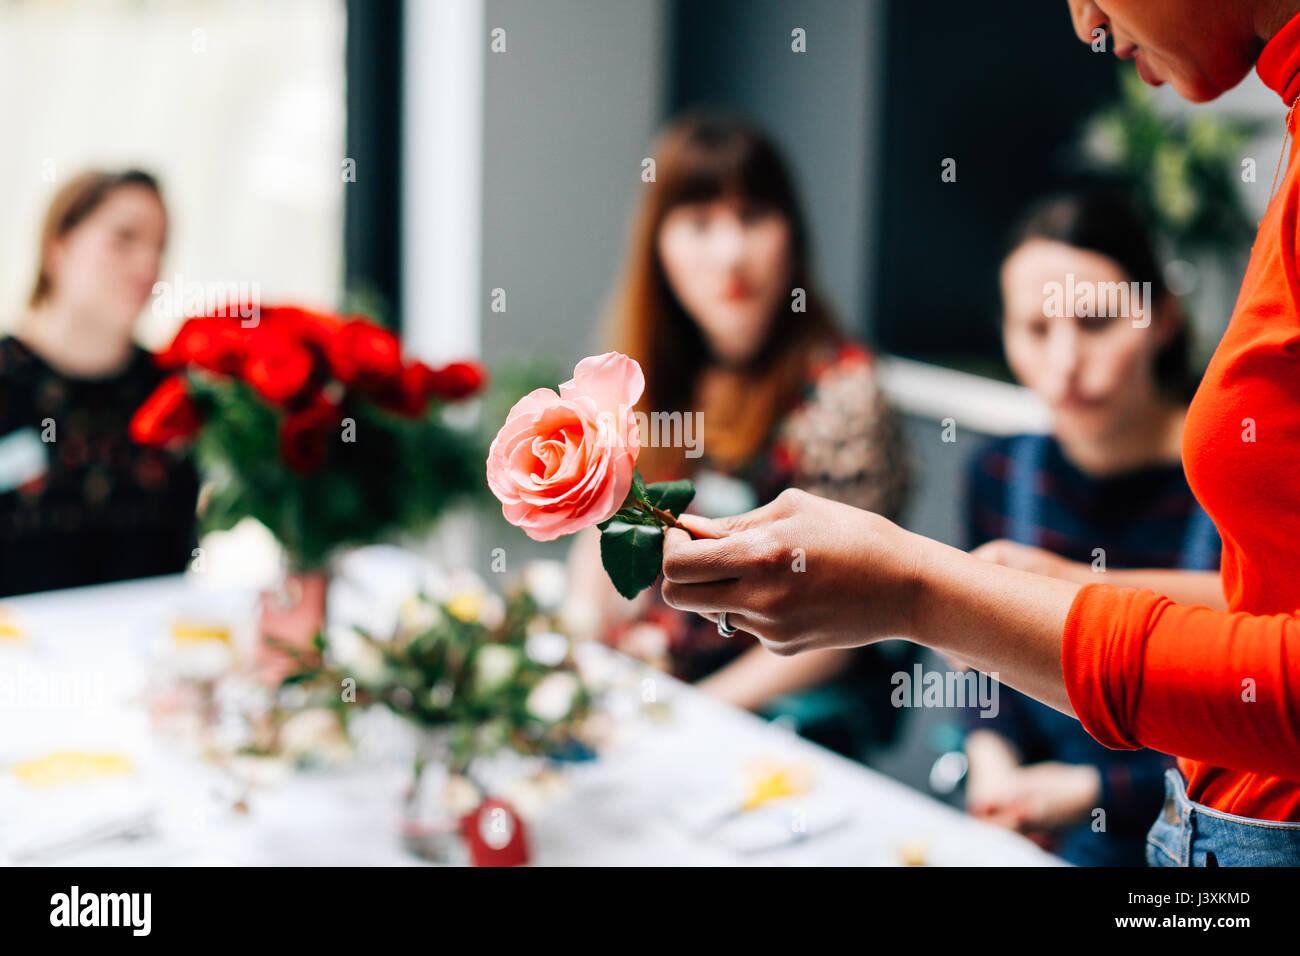 Floristería Rosas mostrando a los estudiantes en el taller de arreglos florales Imagen De Stock